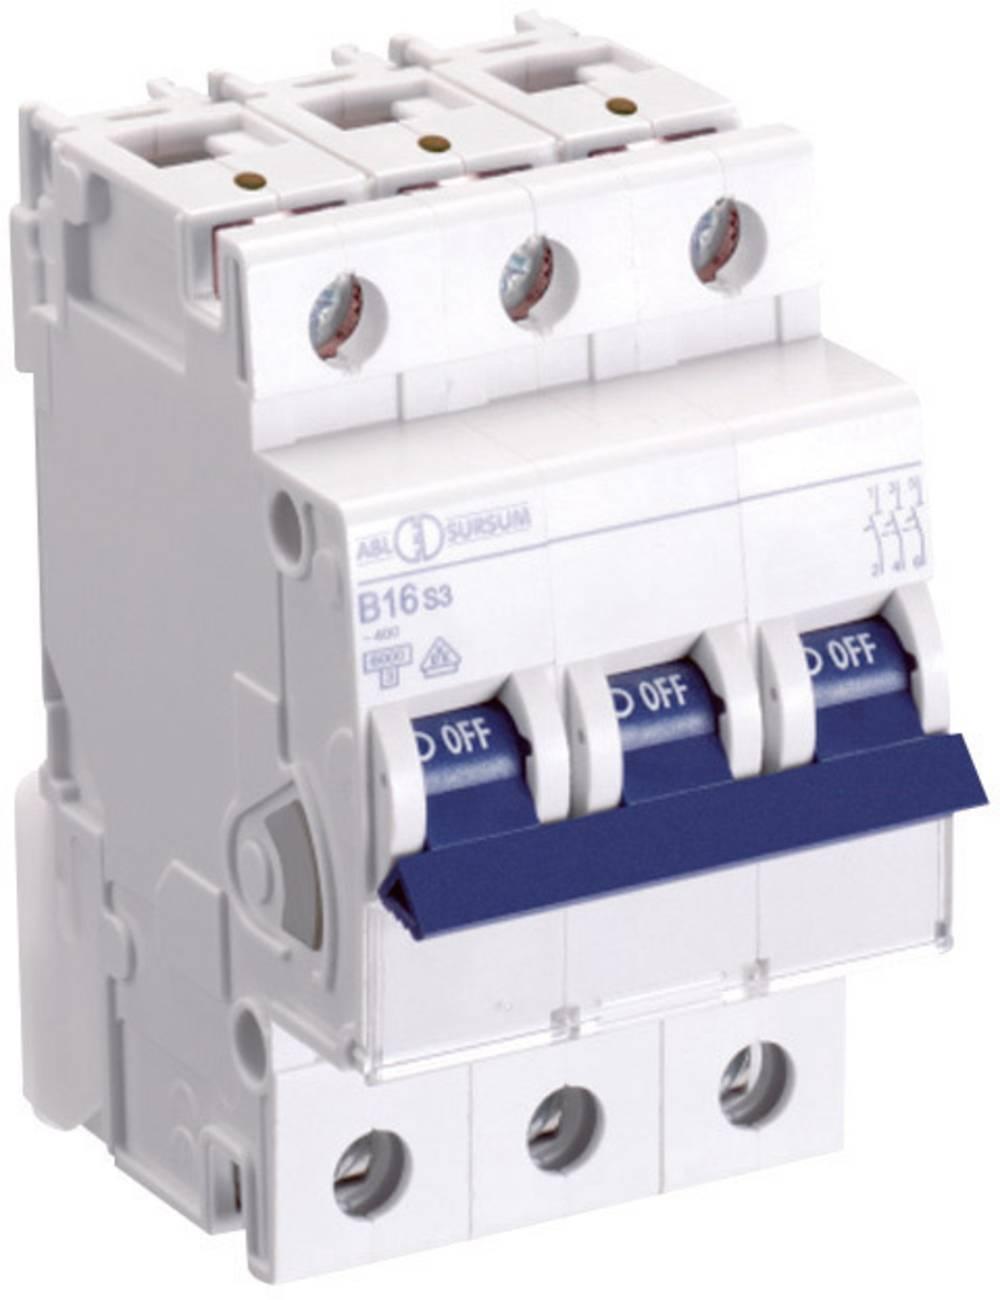 Instalacijski prekidač 3-polni 16 A ABL Sursum B16S3